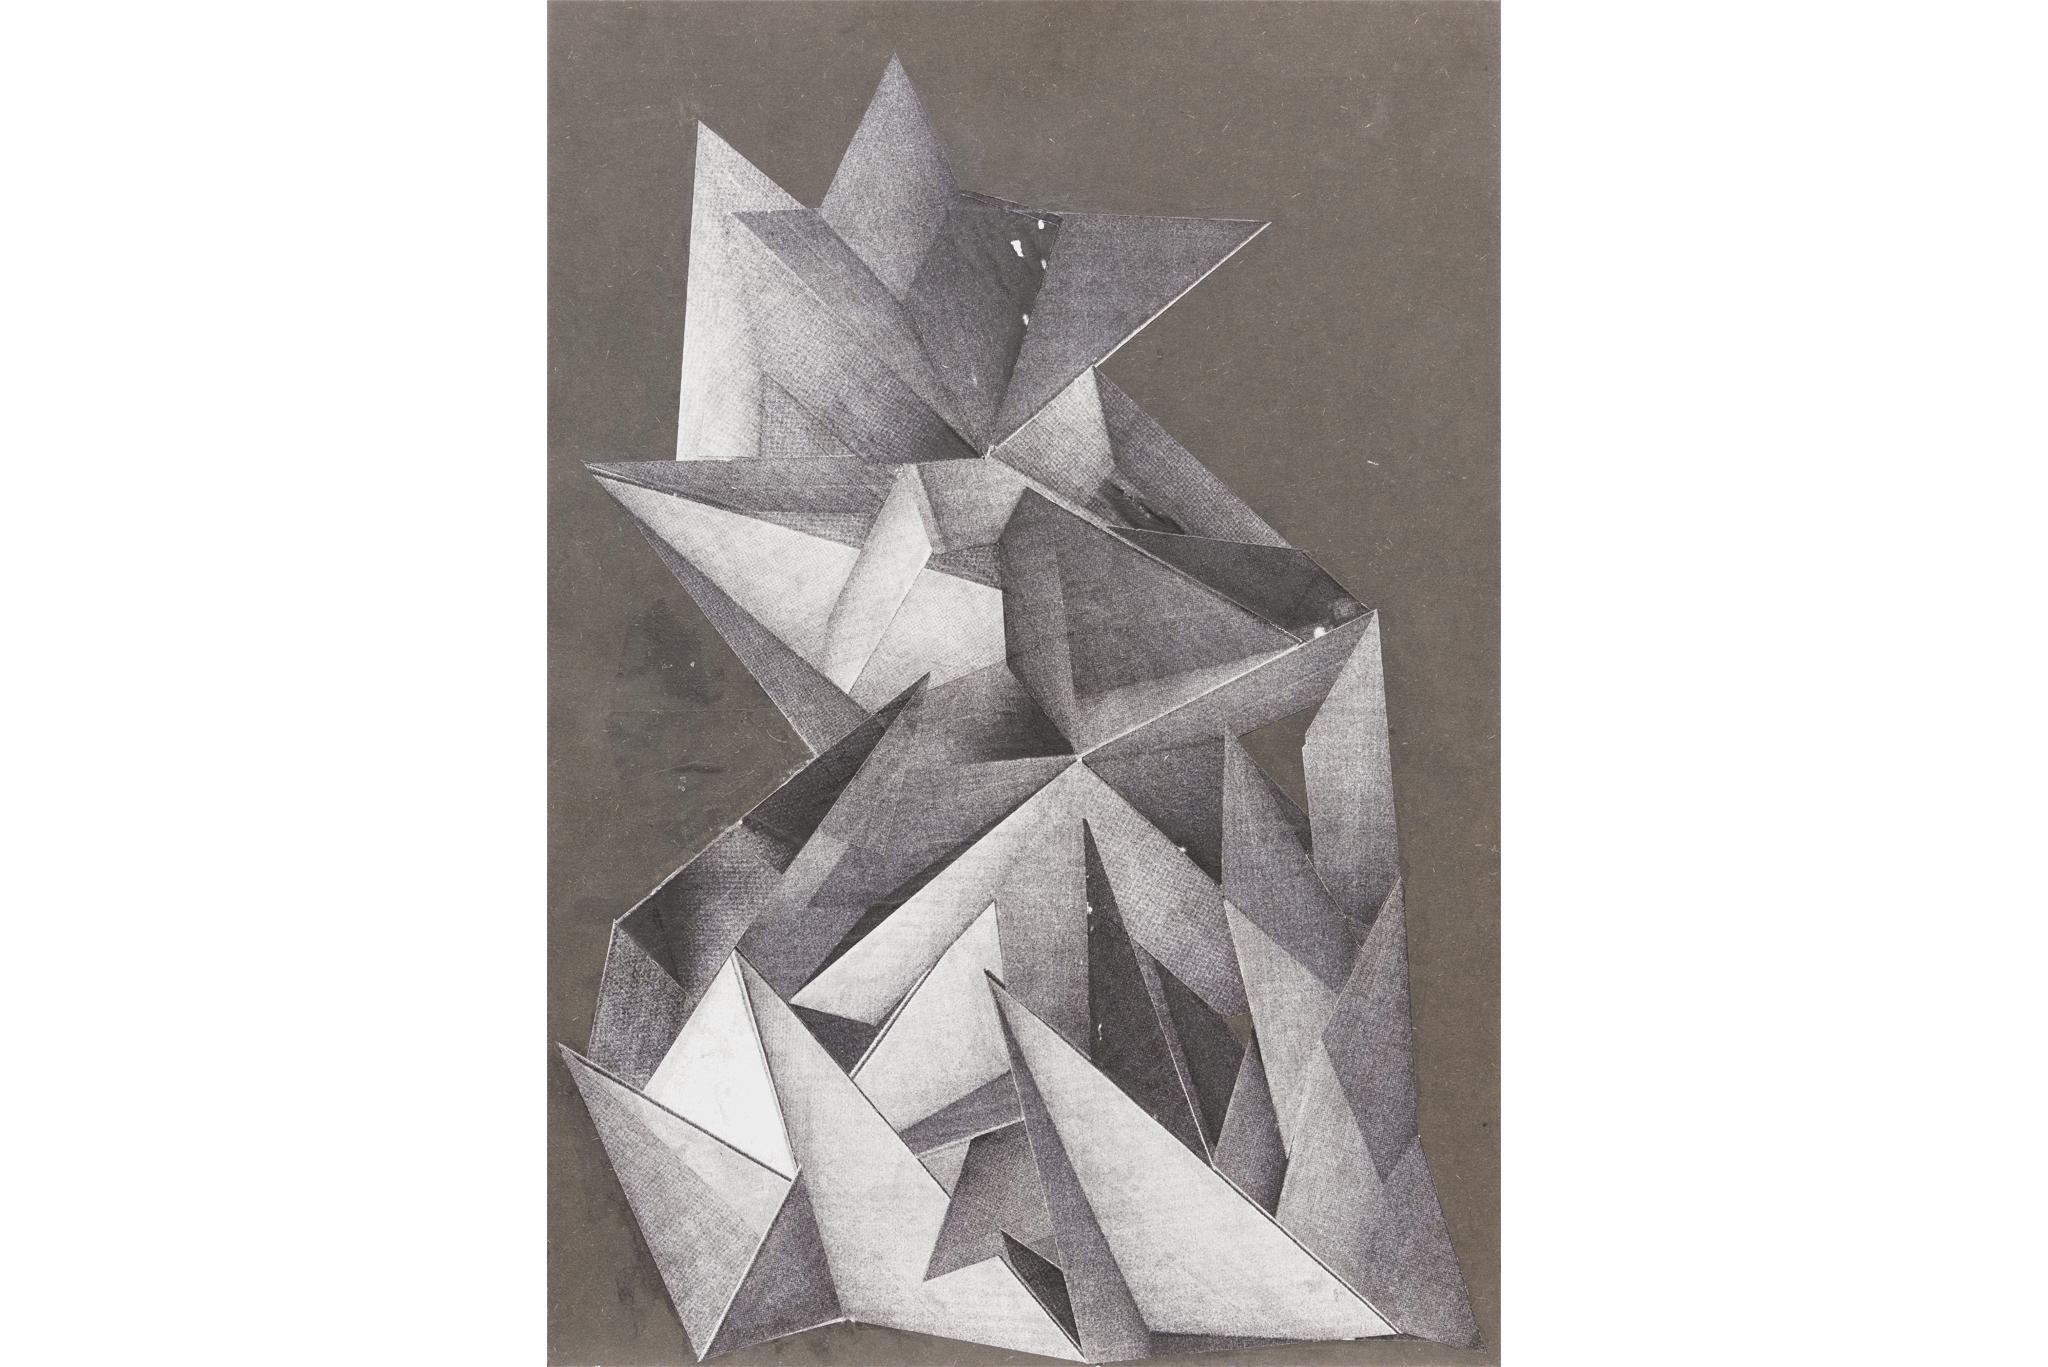 20_Frauke-Dannert_Collage_Papiercollage_-Mollino-(Altar_König)_2009